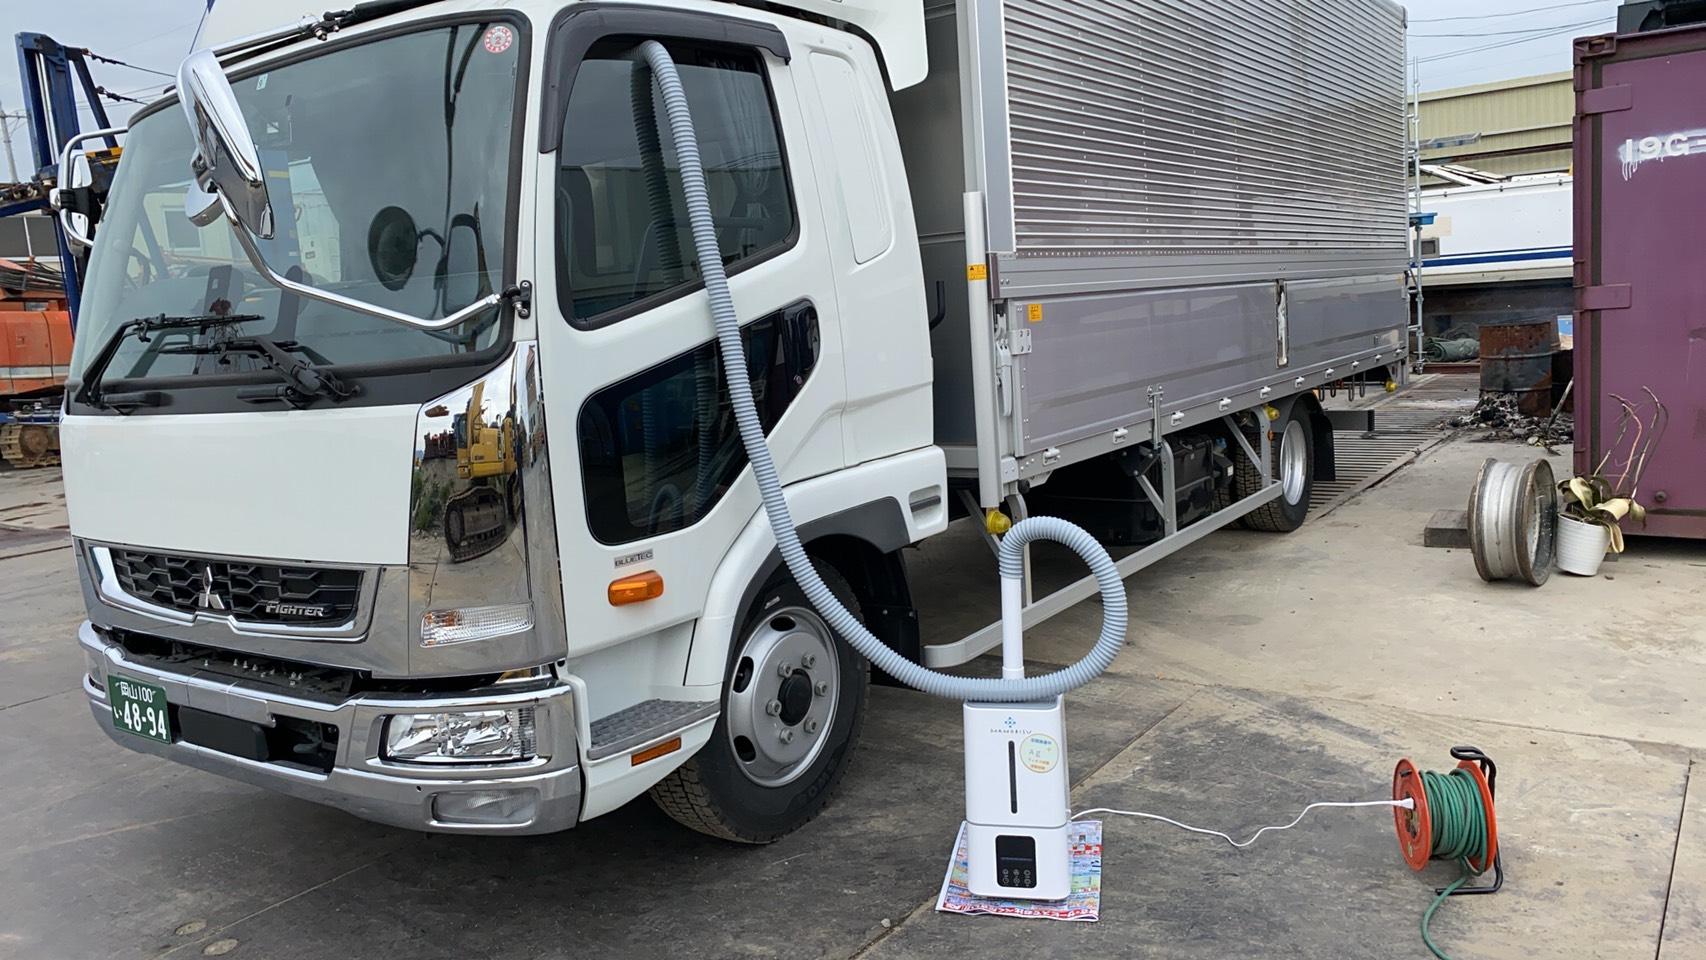 銀イオンと業務用大型加湿器を利用してトラックと乗用車を丸ごと除菌!